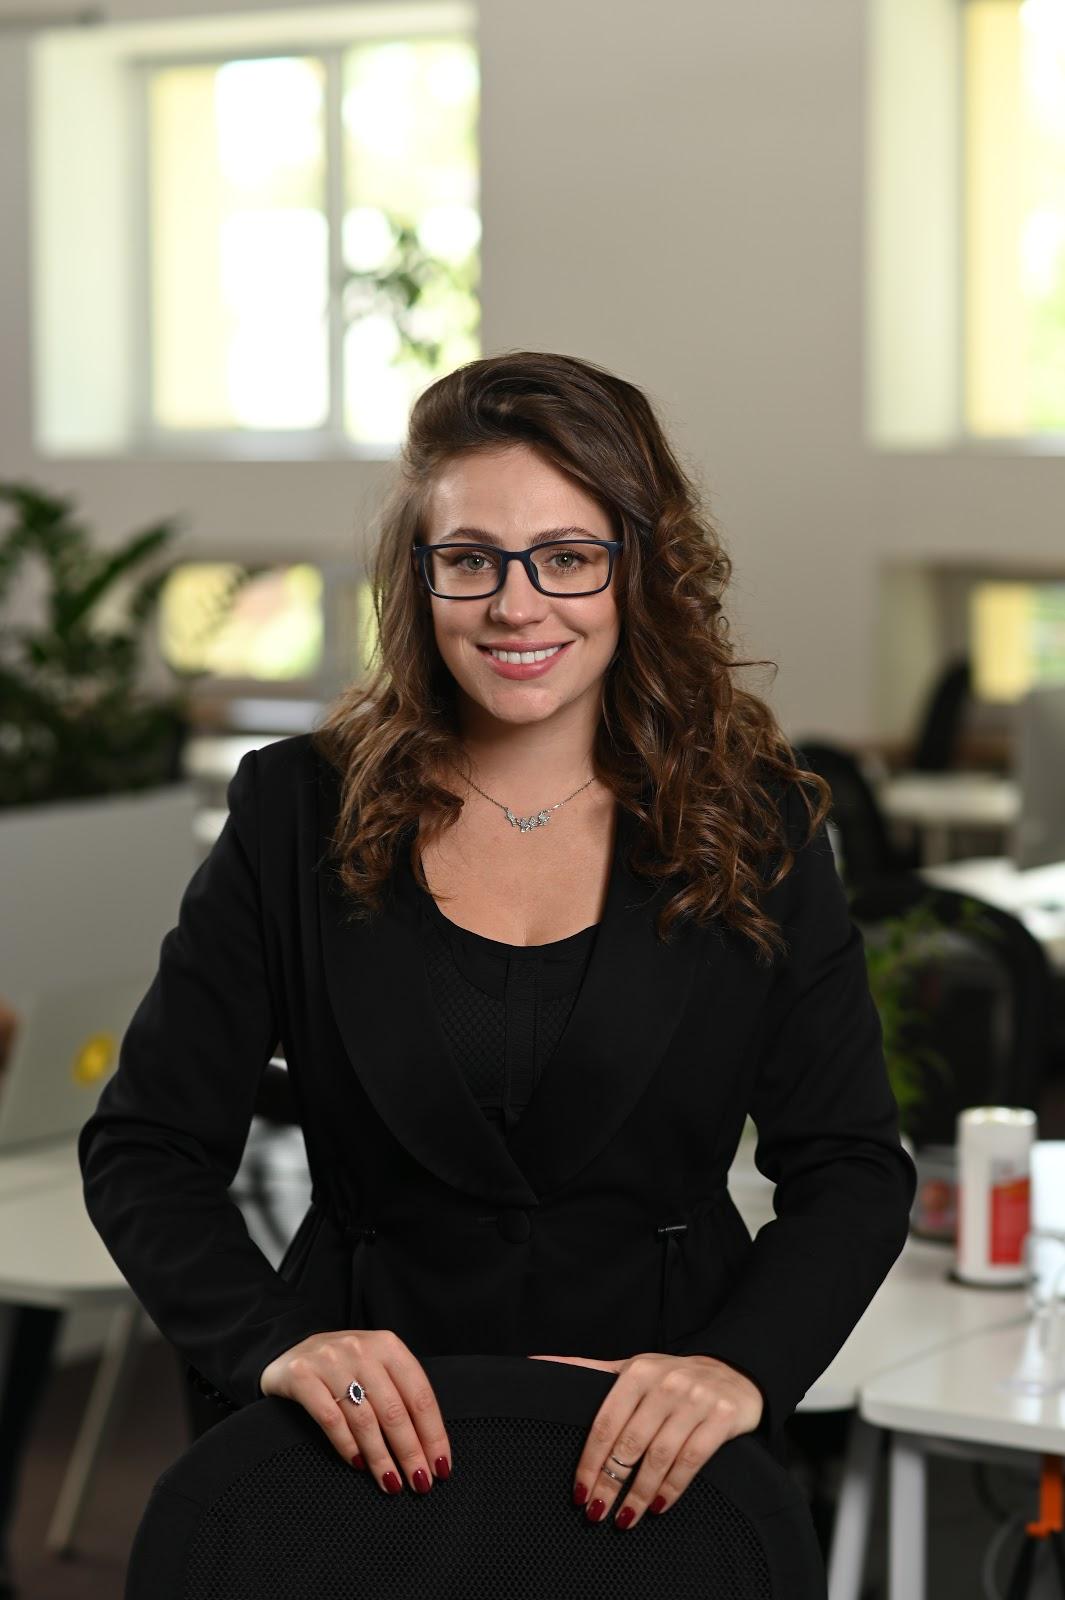 Daria Leschchenko CEO and partner of Supportyourapp headshot